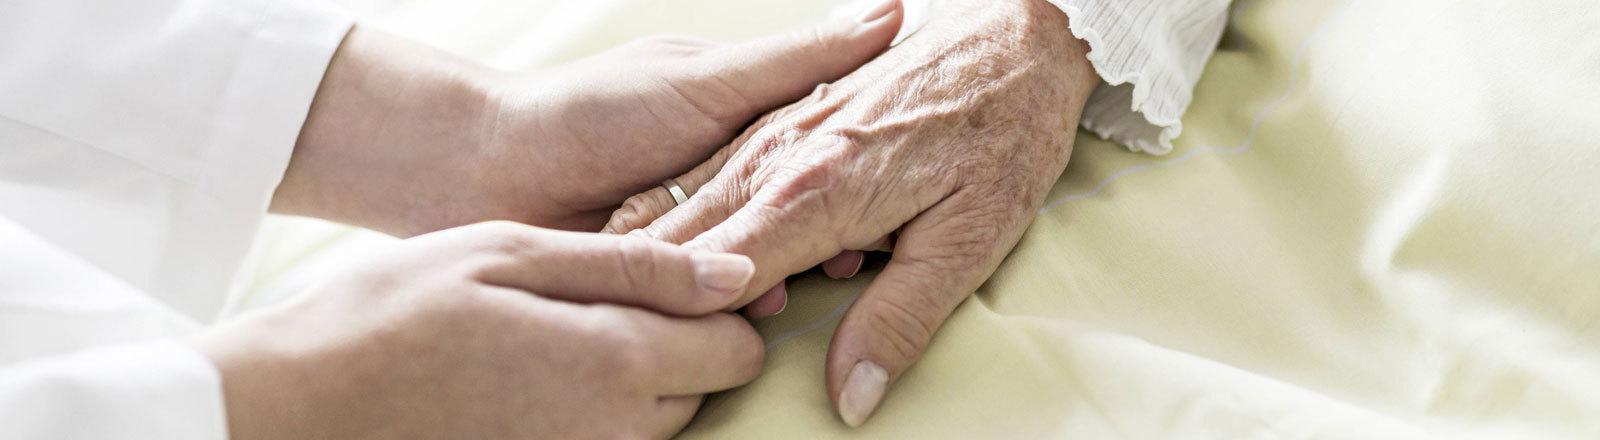 Pflegerin hält die  Hand einer Seniorin.